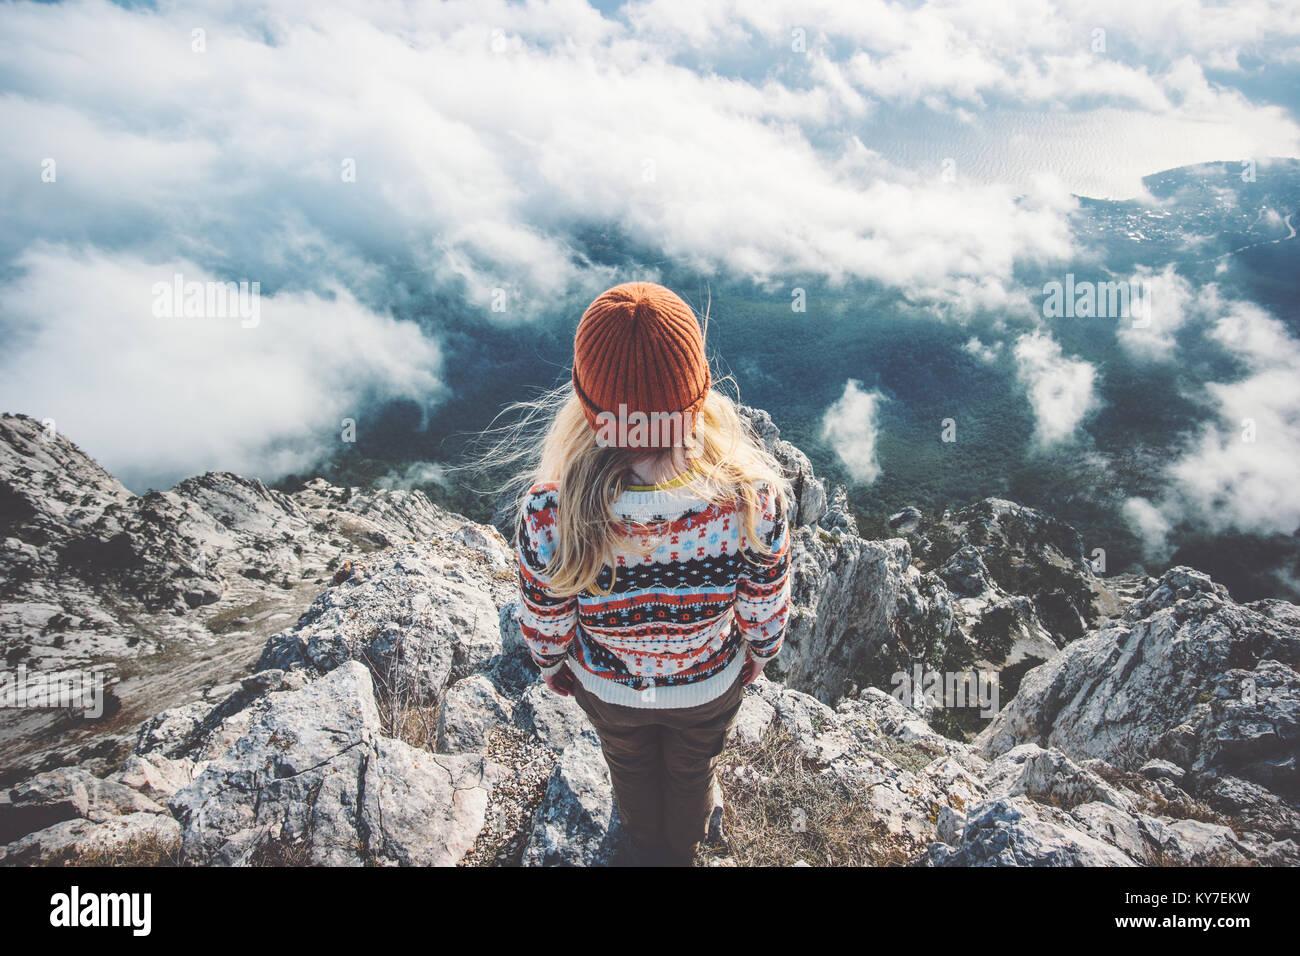 Donna traveler sul vertice di montagna sopra le nuvole stile di vita viaggio concetto di successo avventura vacanze Immagini Stock